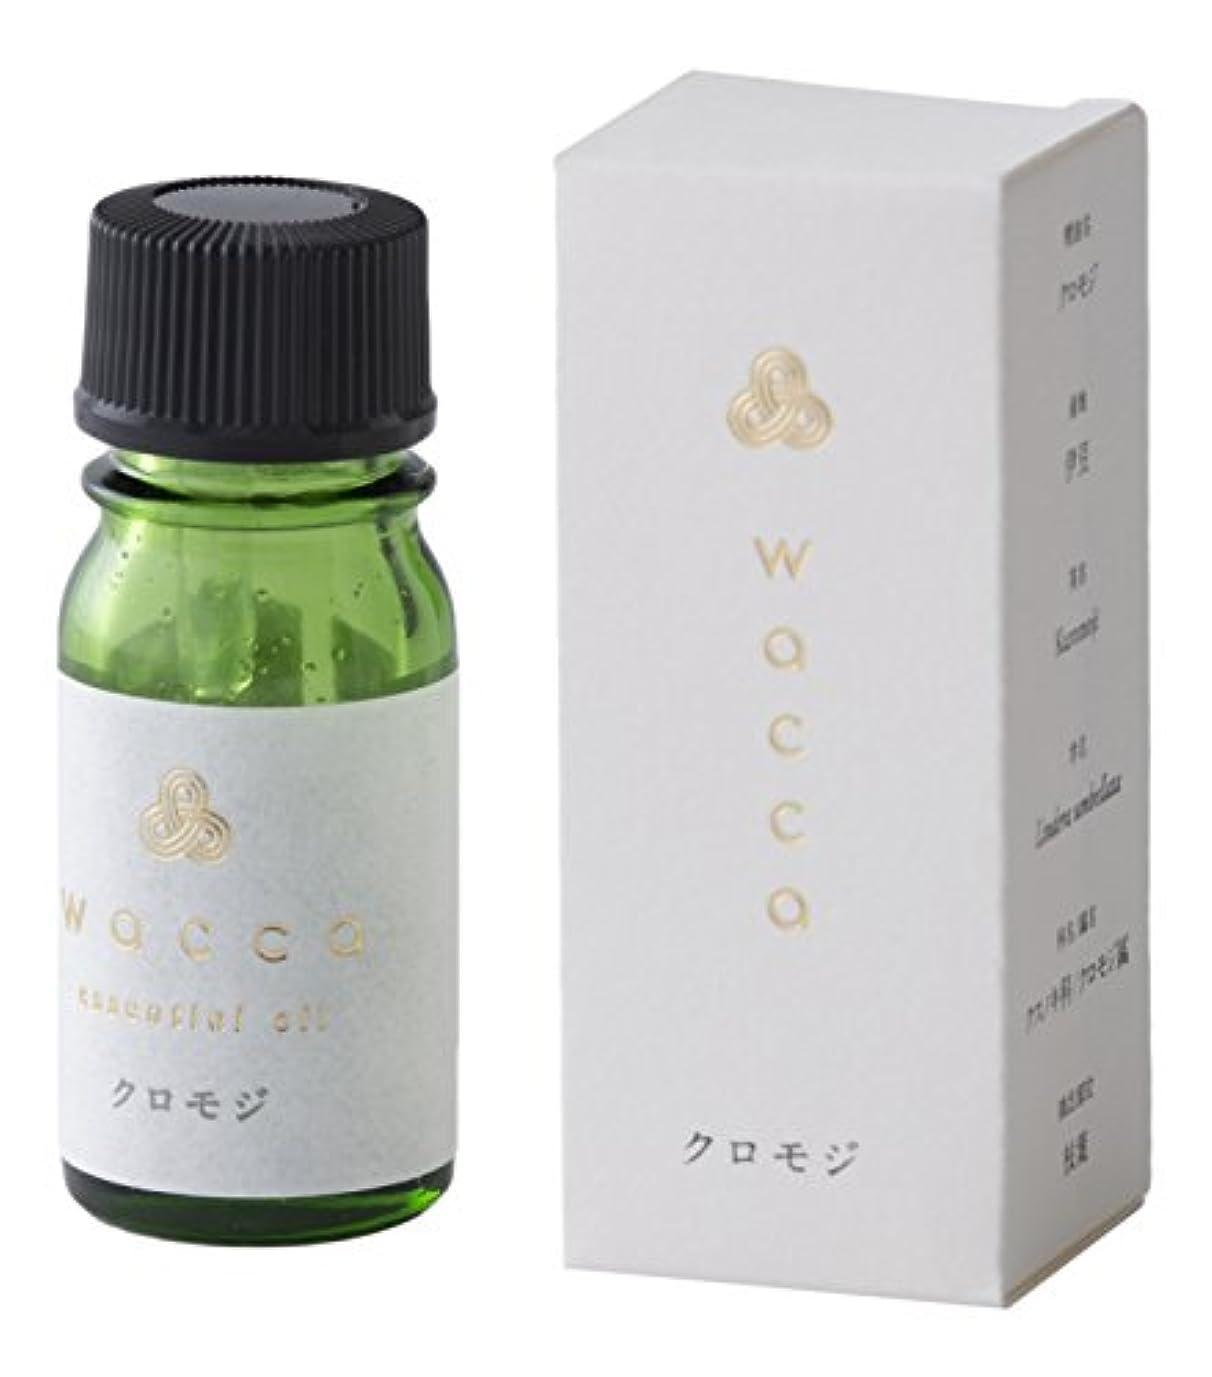 一部非互換訴えるwacca ワッカ エッセンシャルオイル 3ml 黒文字 クロモジ Kuromoji essential oil 和精油 KUSU HANDMADE